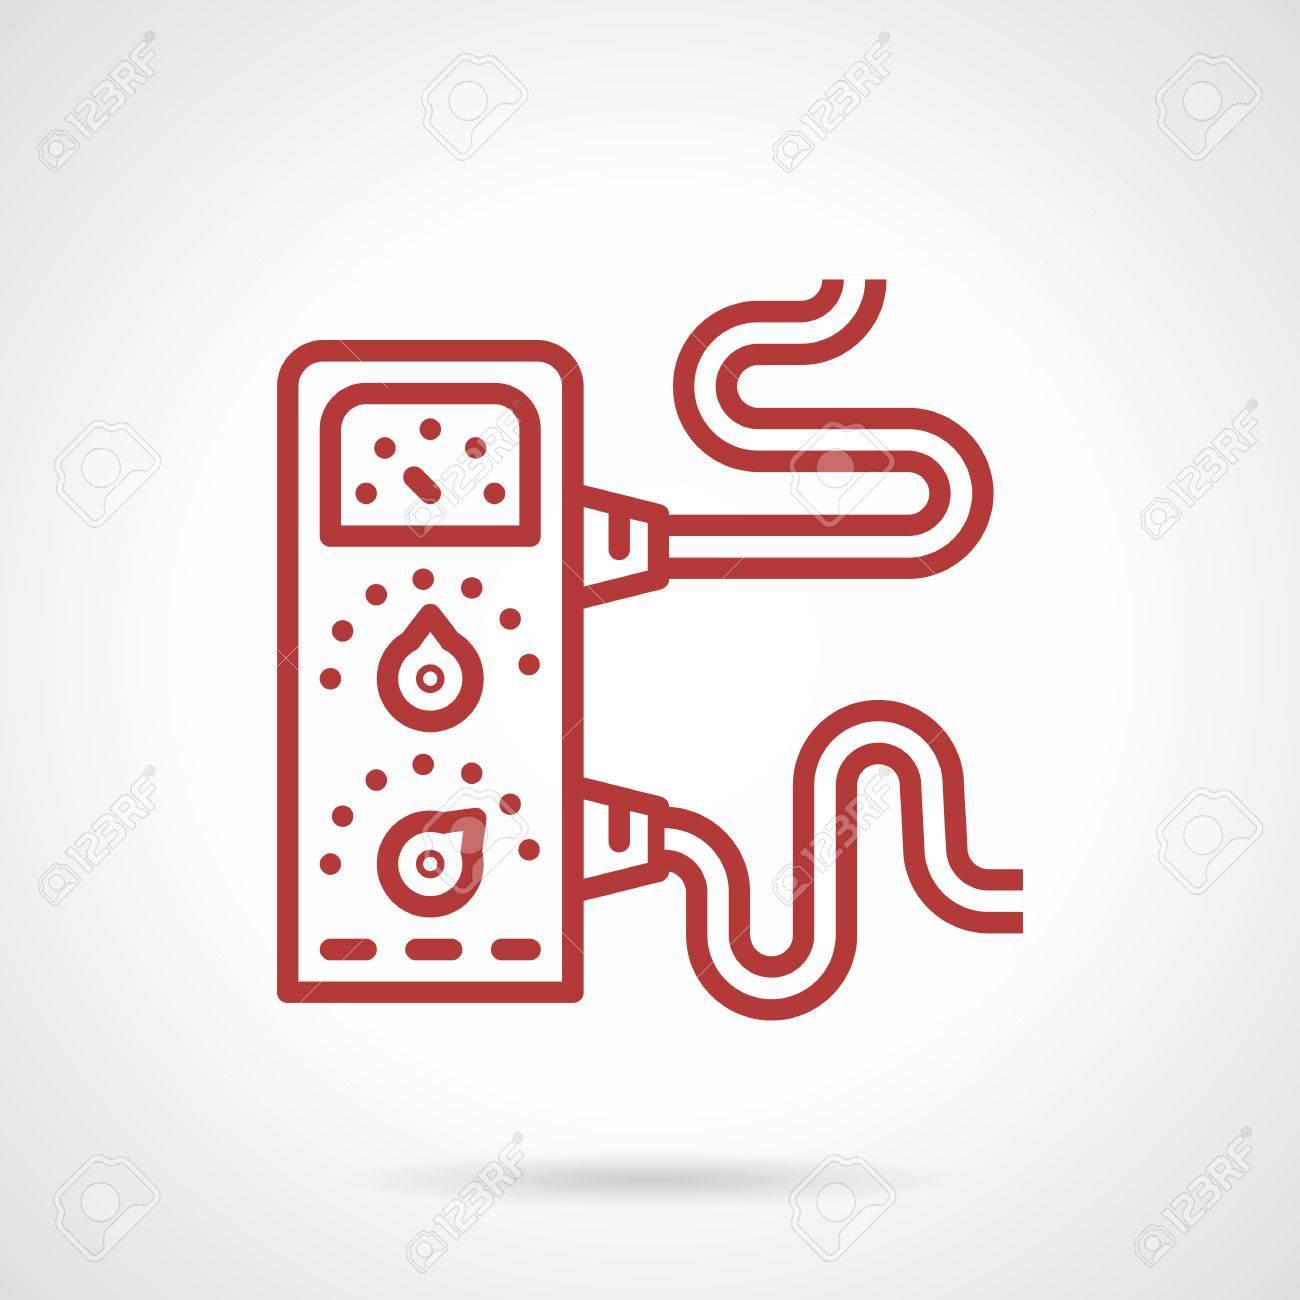 Einfache Rote Linie Vektor-Symbol Für Die Stromversorgung Ausrüstung ...